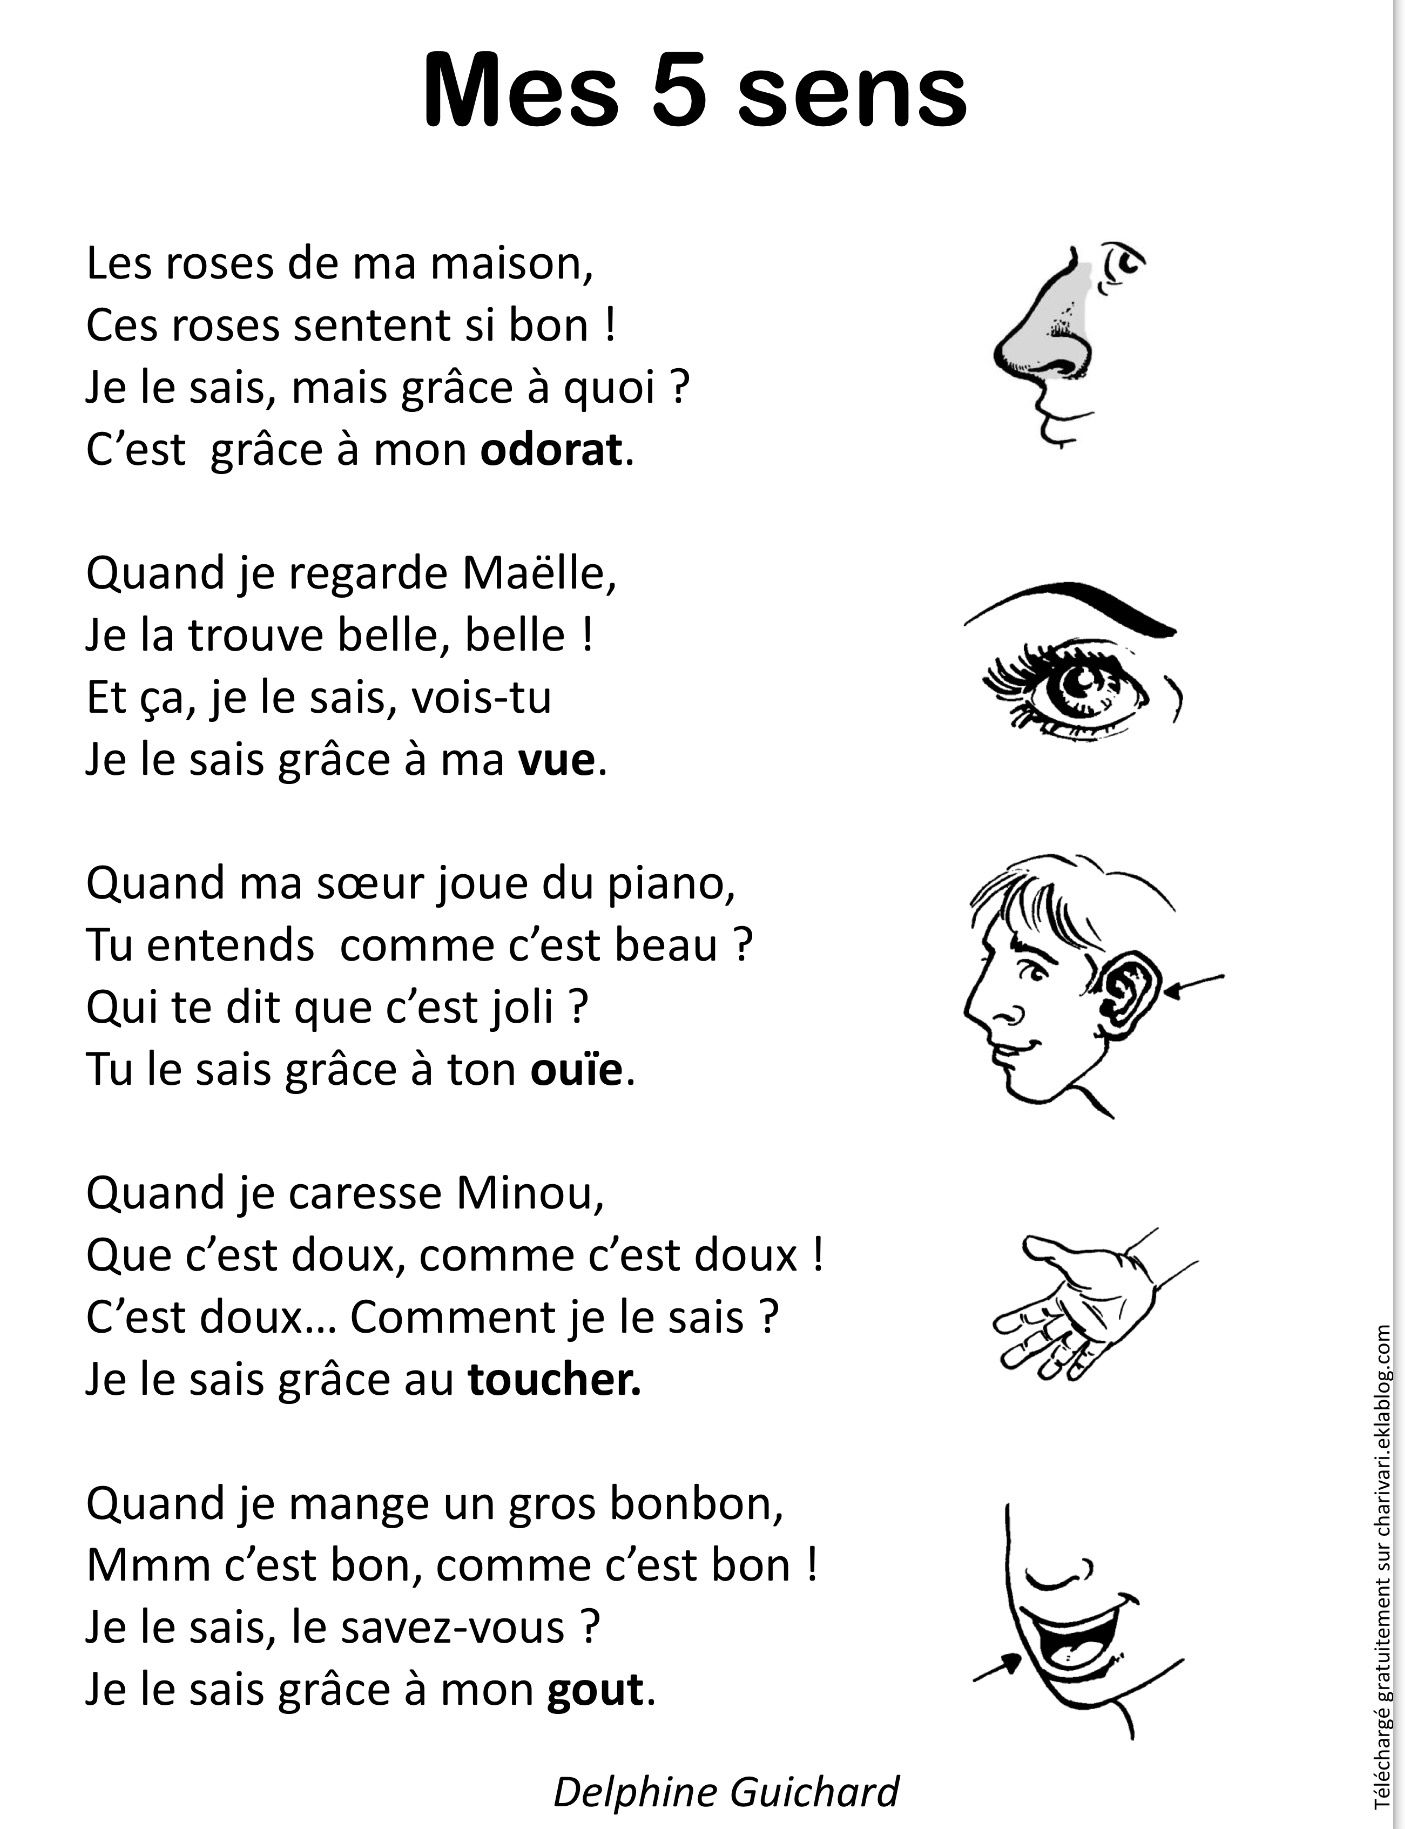 poesie 5 sens